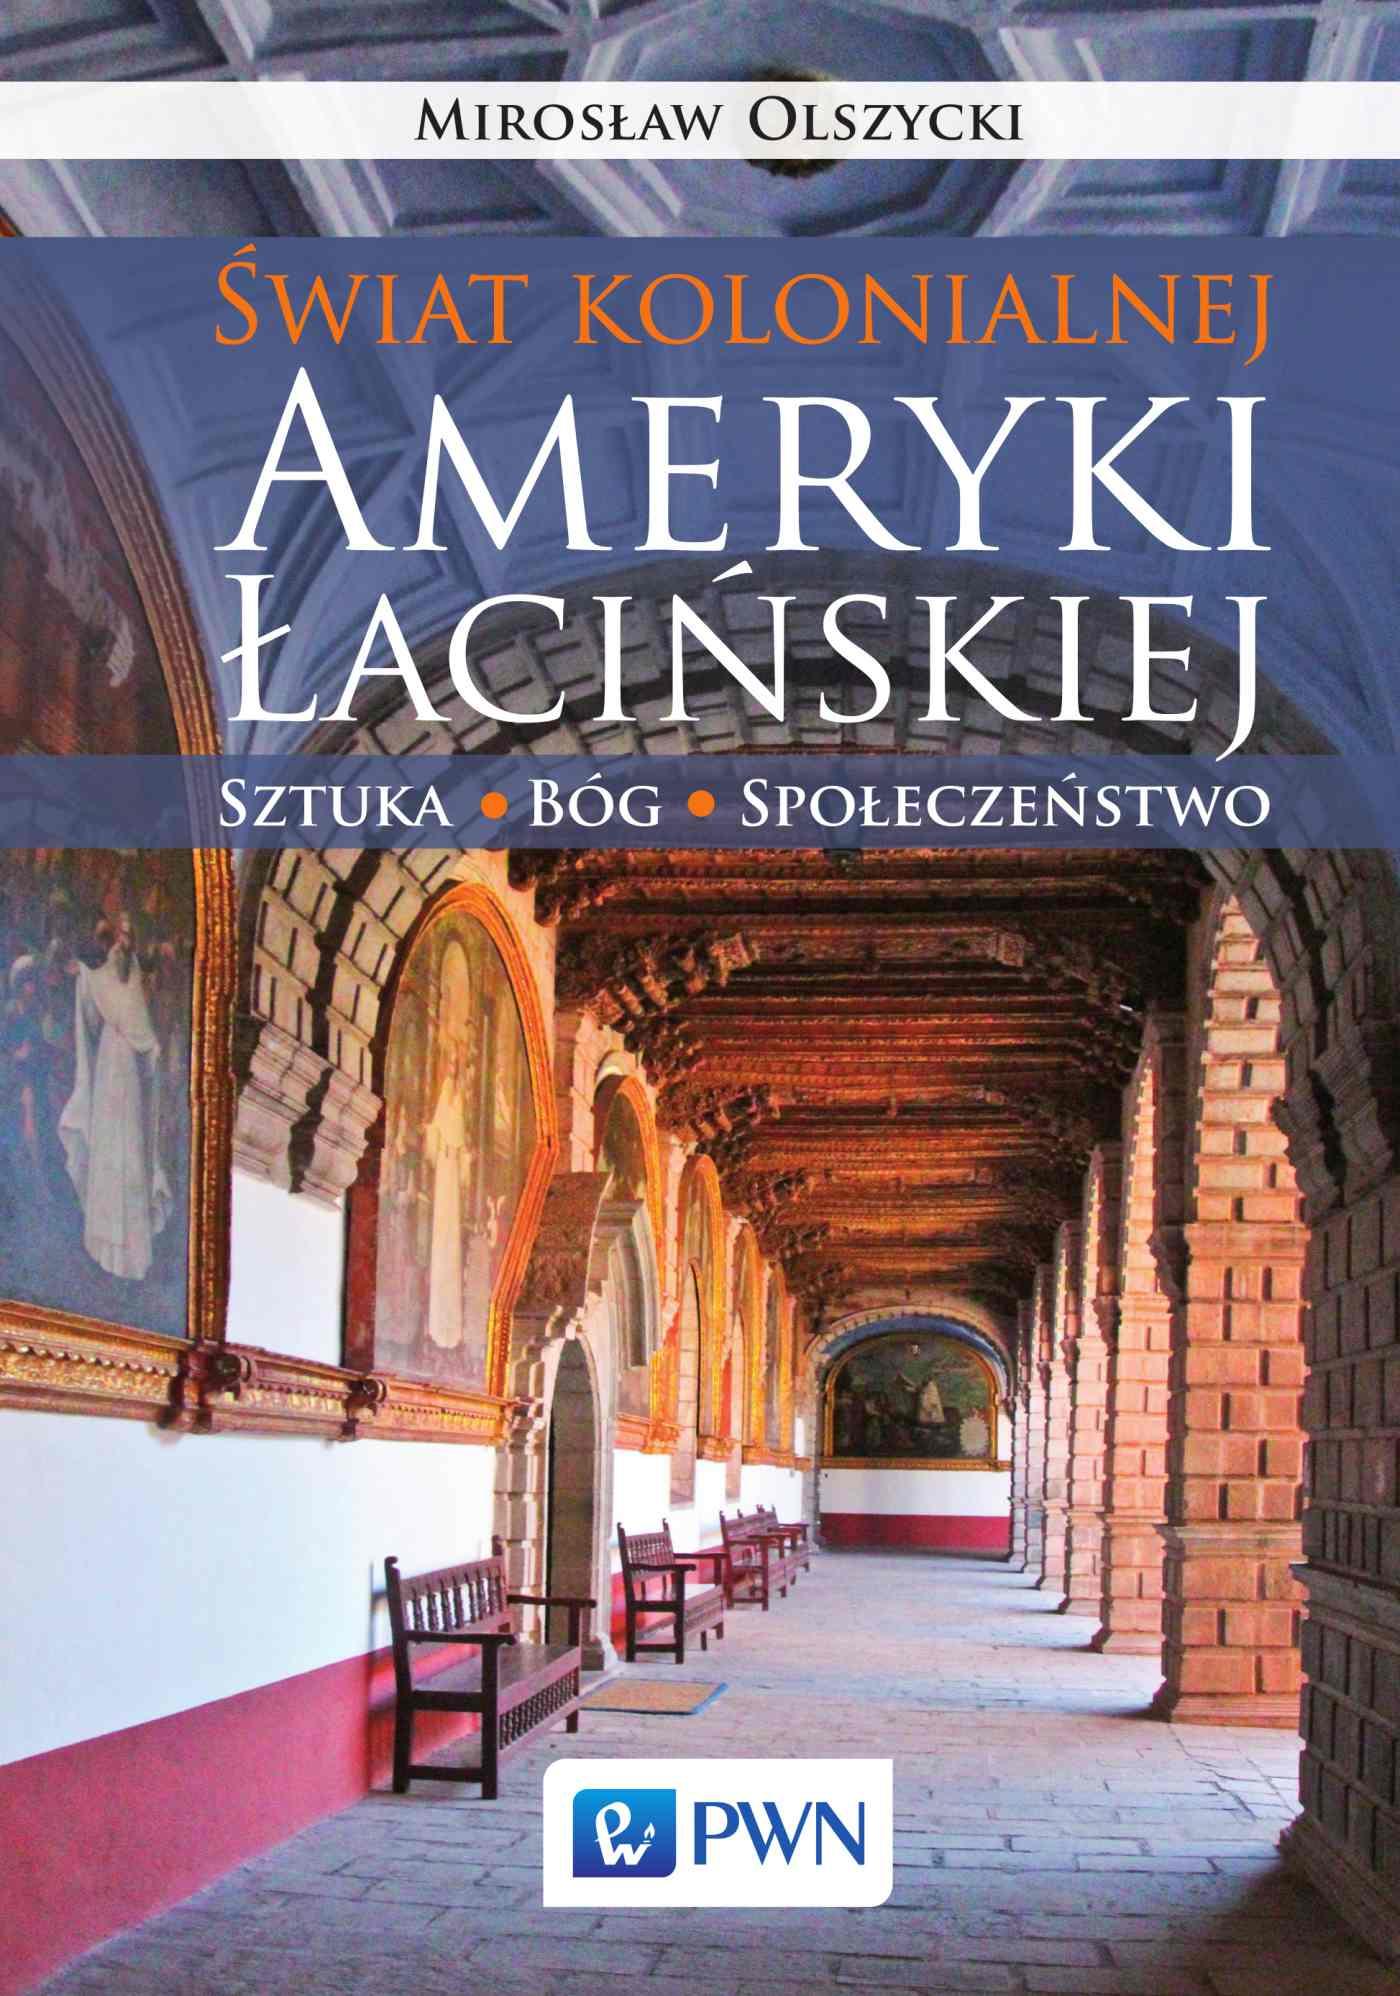 Świat kolonialnej Ameryki łacińskiej. Sztuka. Bóg. Społeczeństwo - Ebook (Książka na Kindle) do pobrania w formacie MOBI